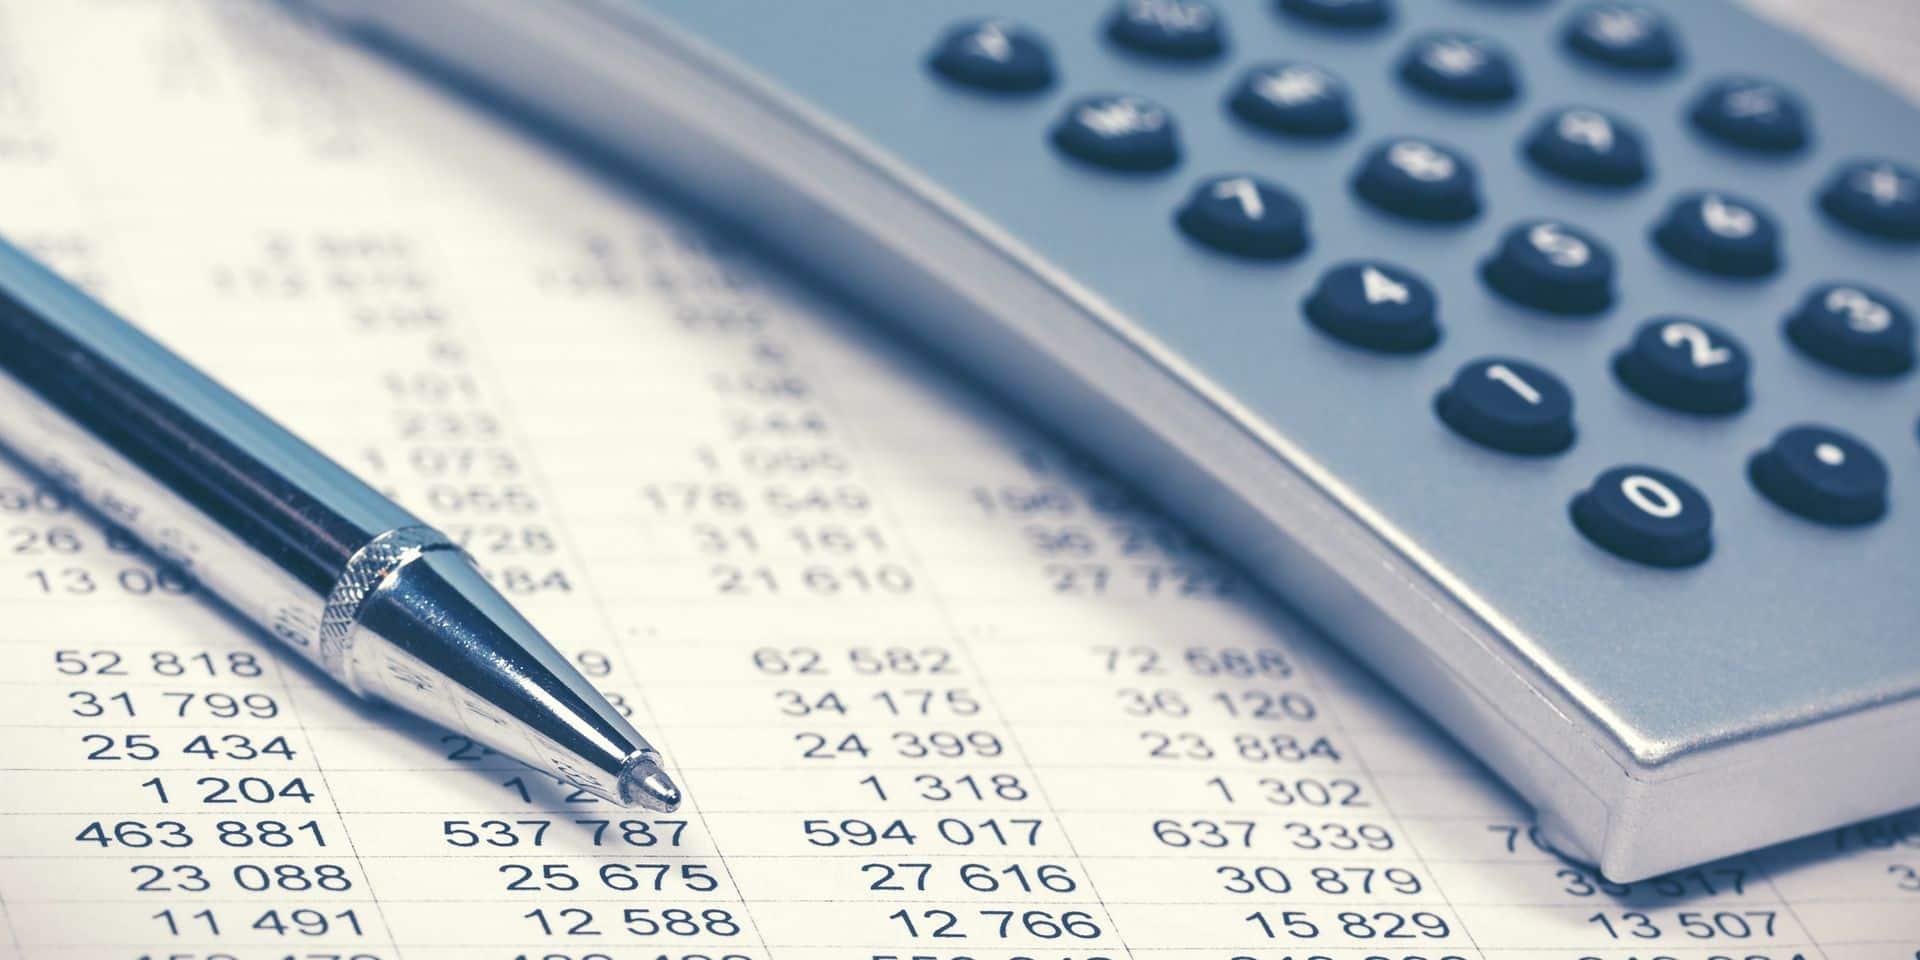 La déclaration fiscale simplifiée : quels sont les risques à éviter ?